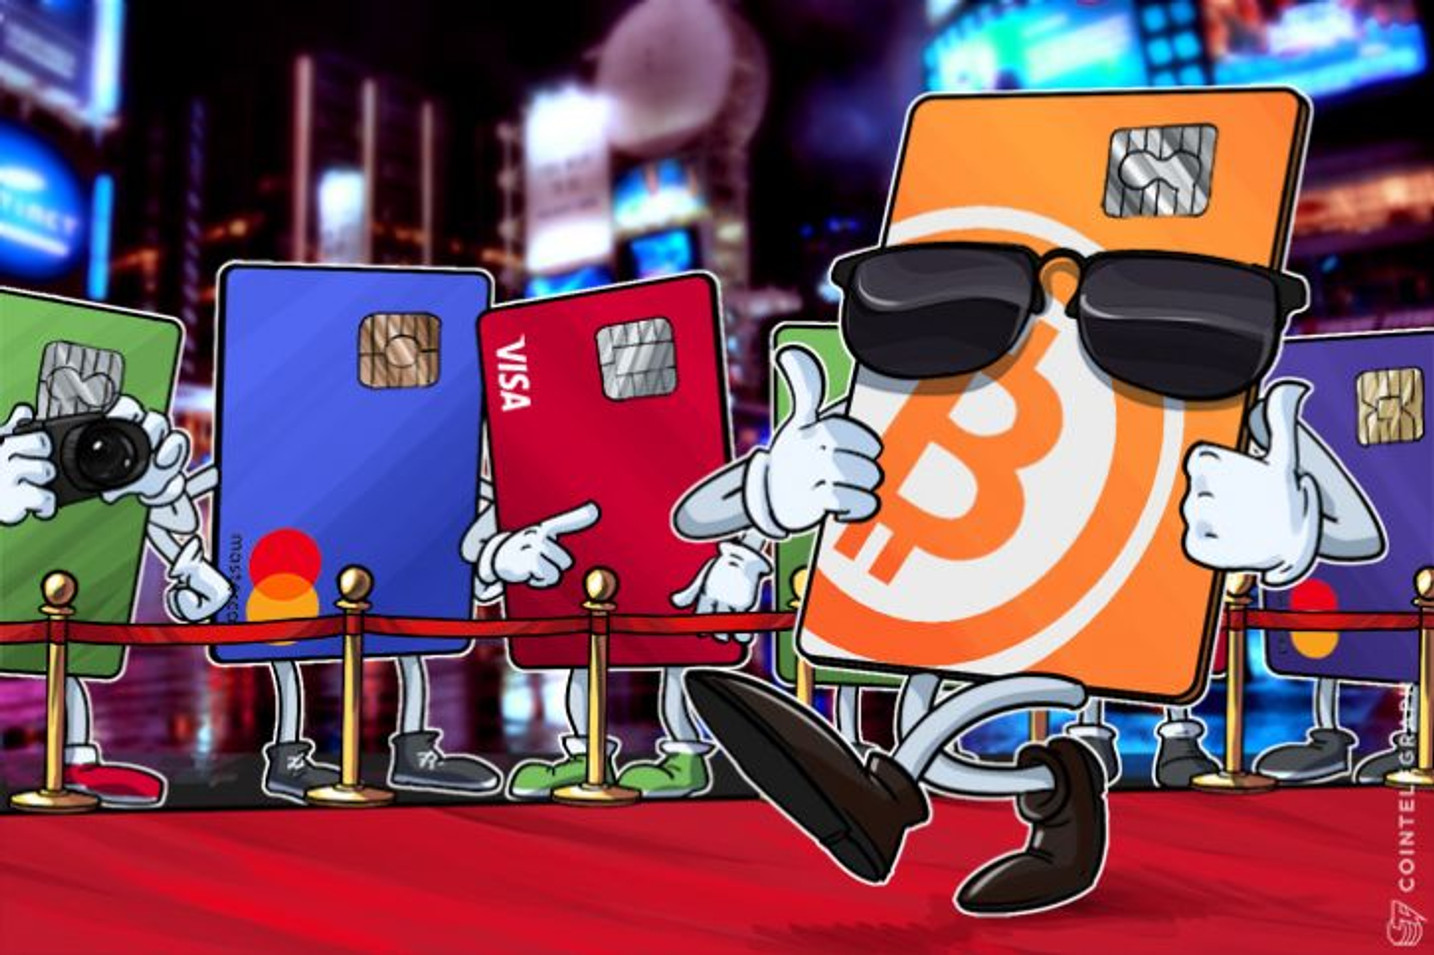 Pripejd debitne kartice će biti regulisane u velikoj meri, Bitkoin kartice će postati alternativa!